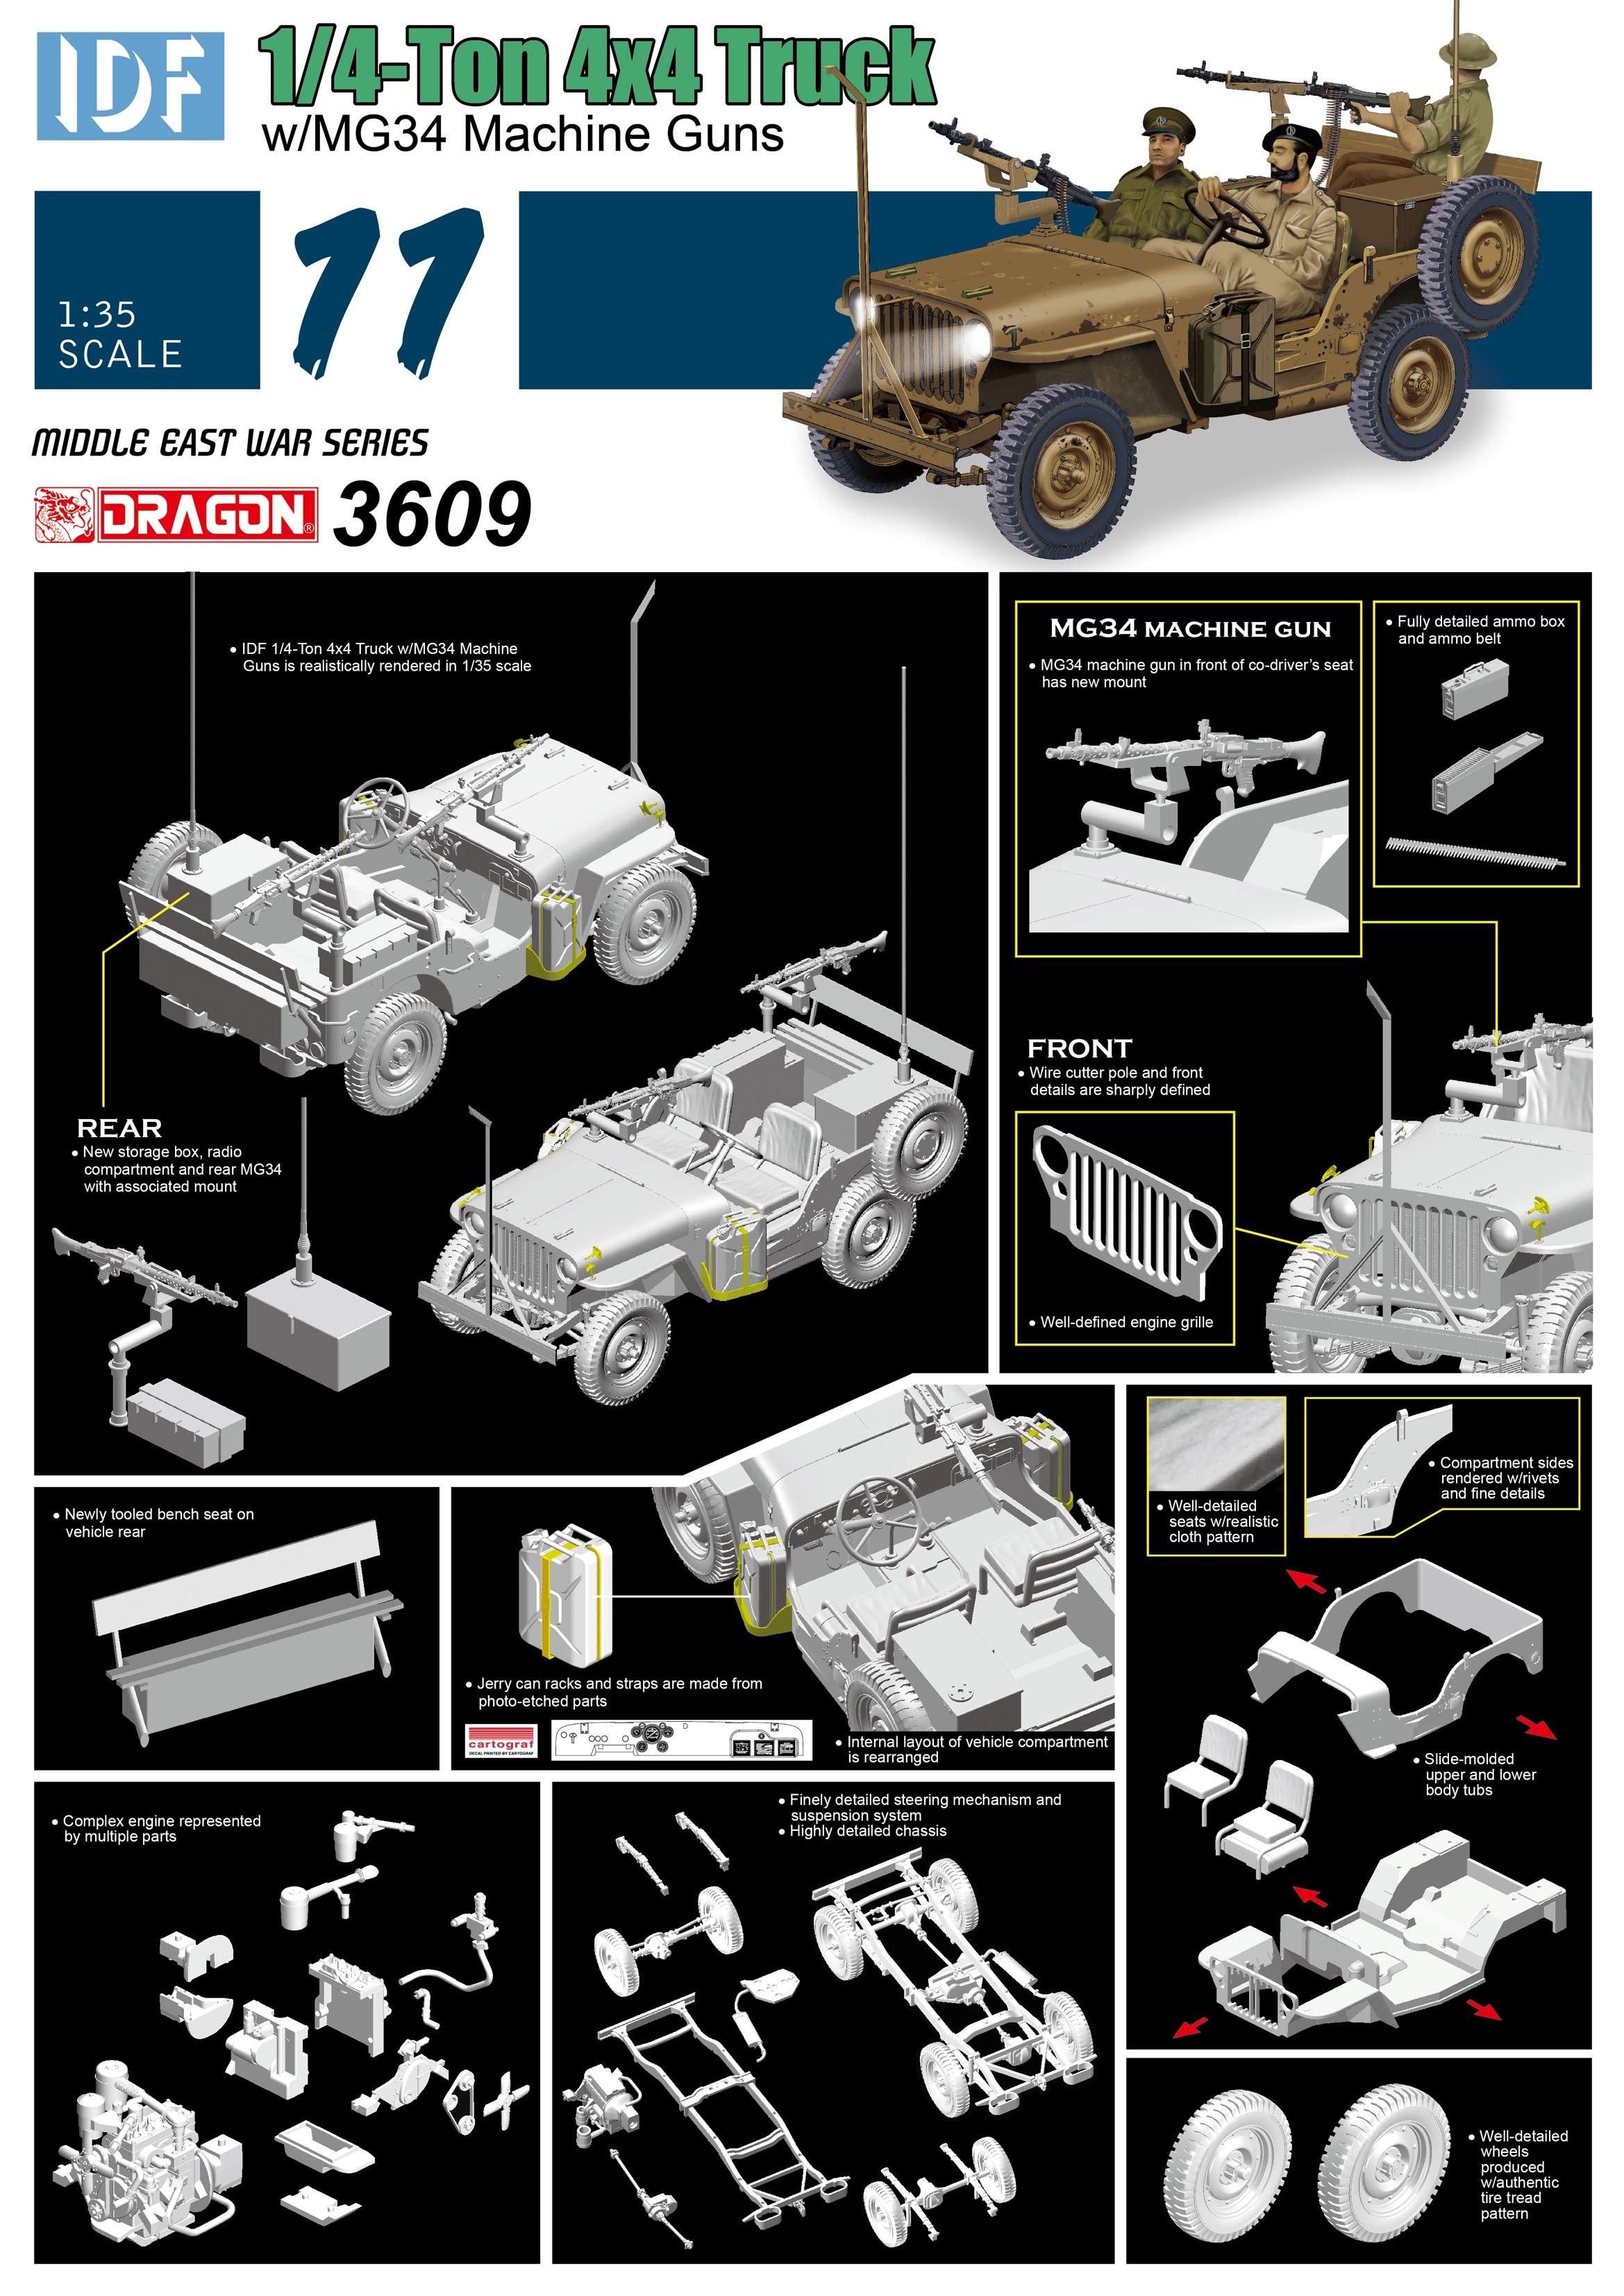 3609 - IDF 1/4-Ton 4x4 Truck w/MG34 Machine Guns - Dragon Plastic